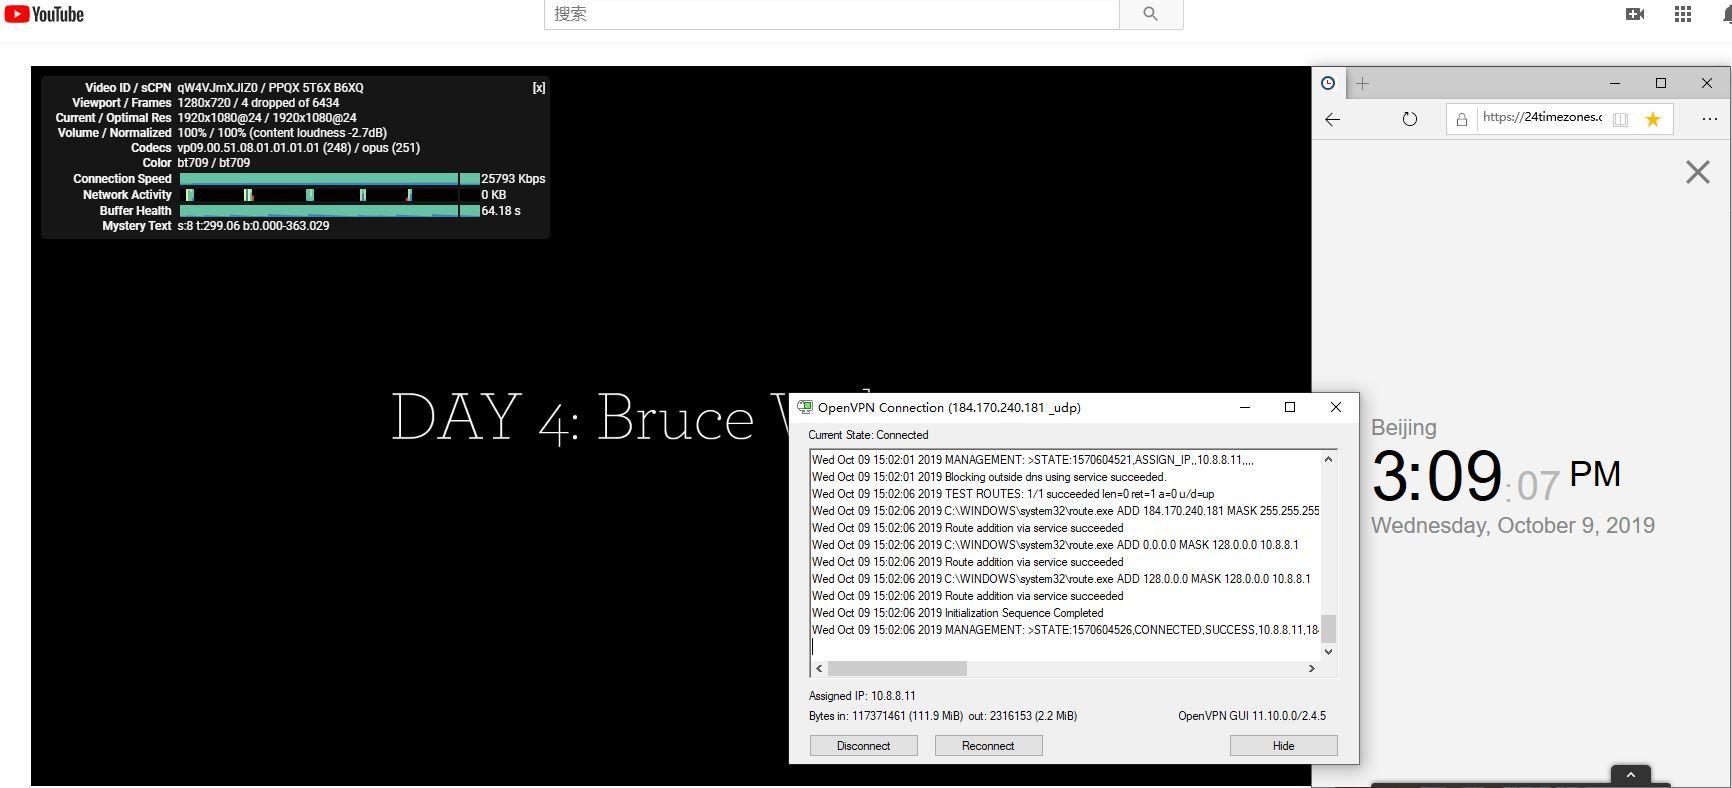 Windows SurfsharkVPN OPENVPN GUI-184-2-UDP 中国VPN翻墙 科学上网 YouTube速测-20191009